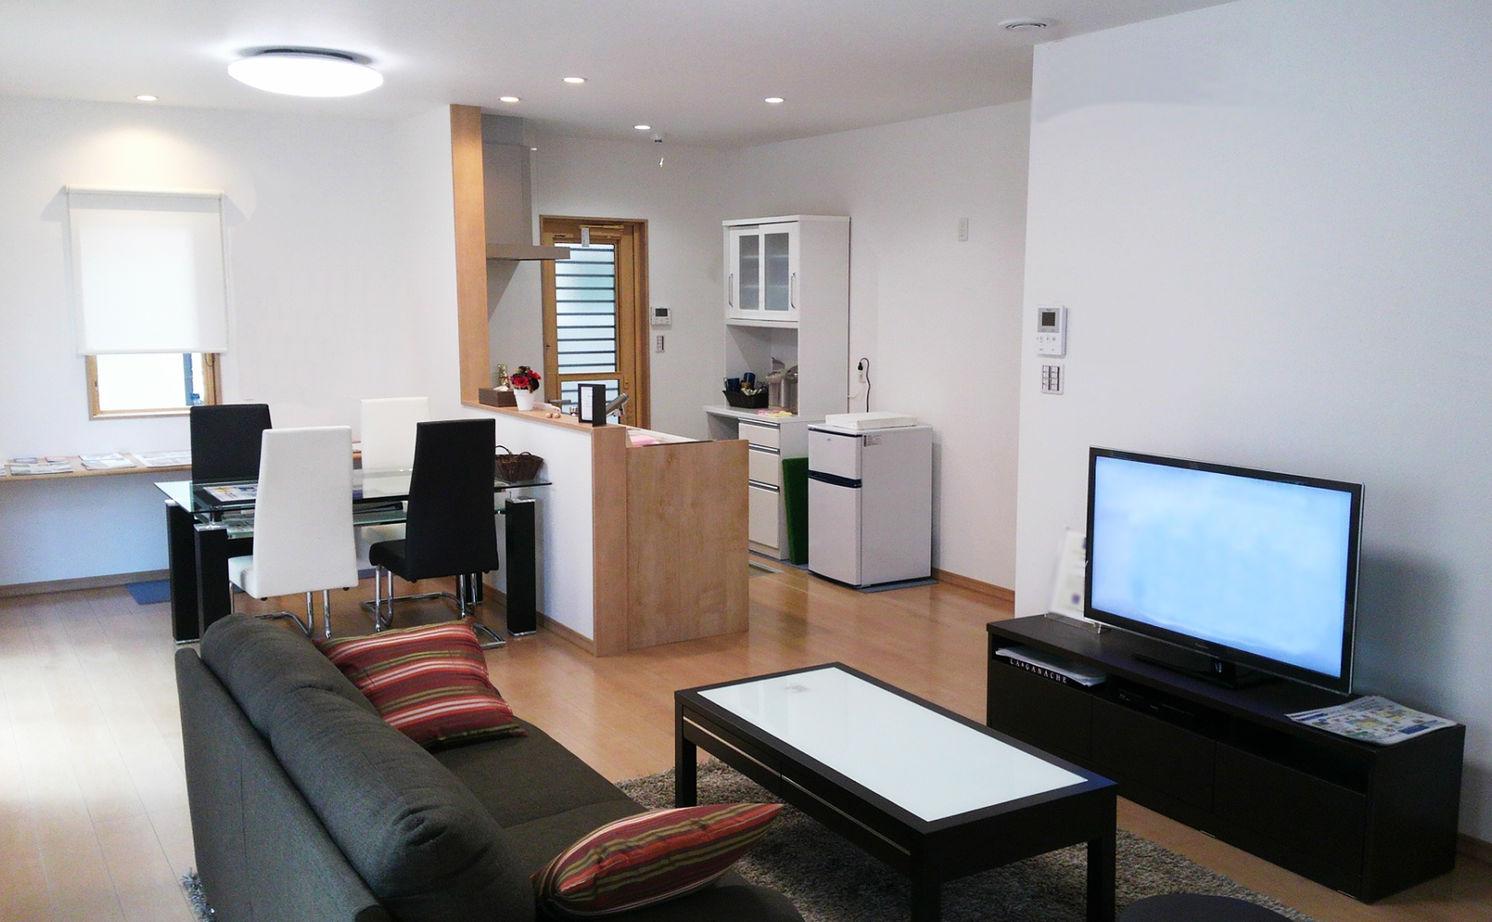 耐震等級3・省エネ等級4の構造で安心。世代を超えて快適に暮らせる長期優良住宅画像3